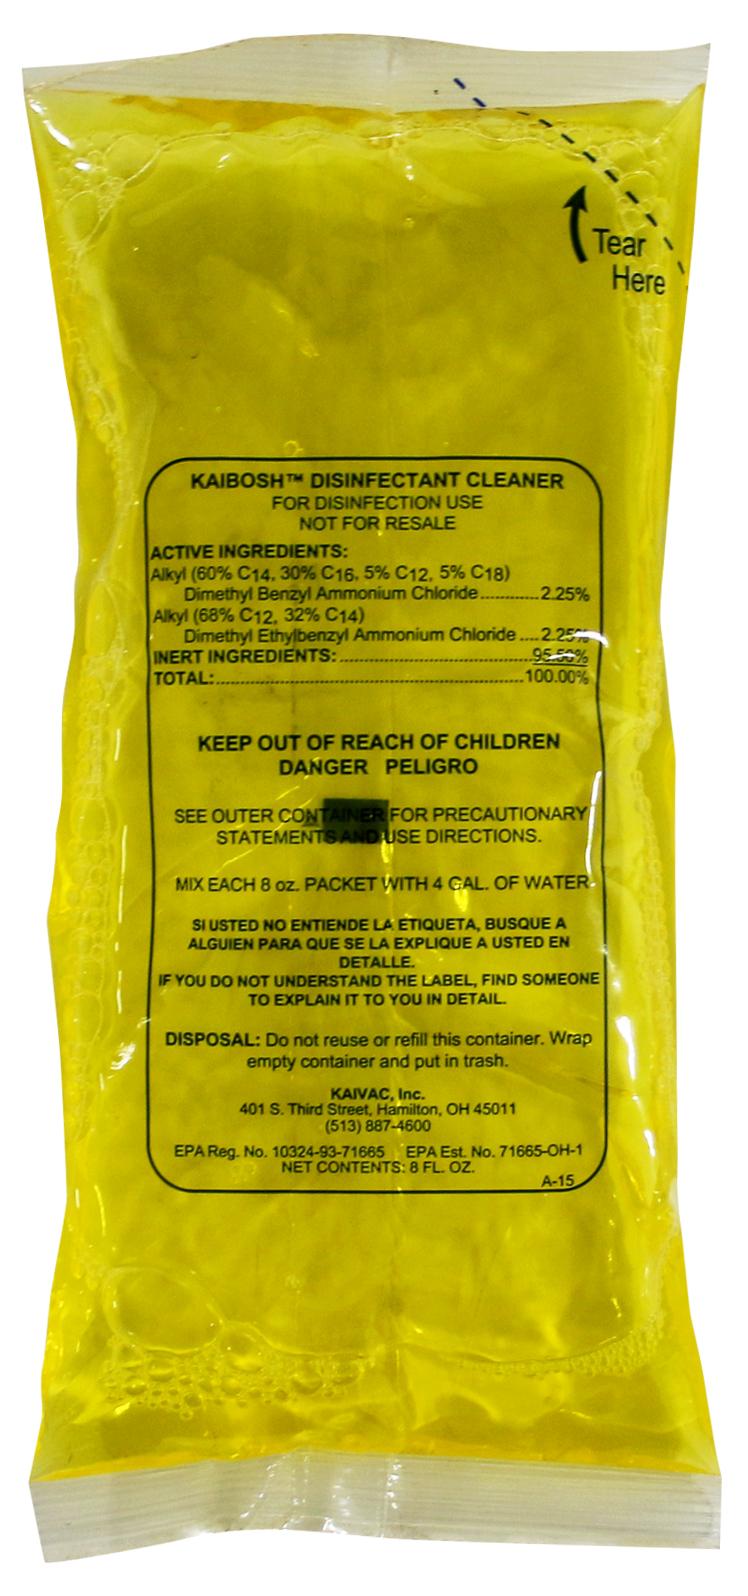 Kaivac KaiBosh Chemical